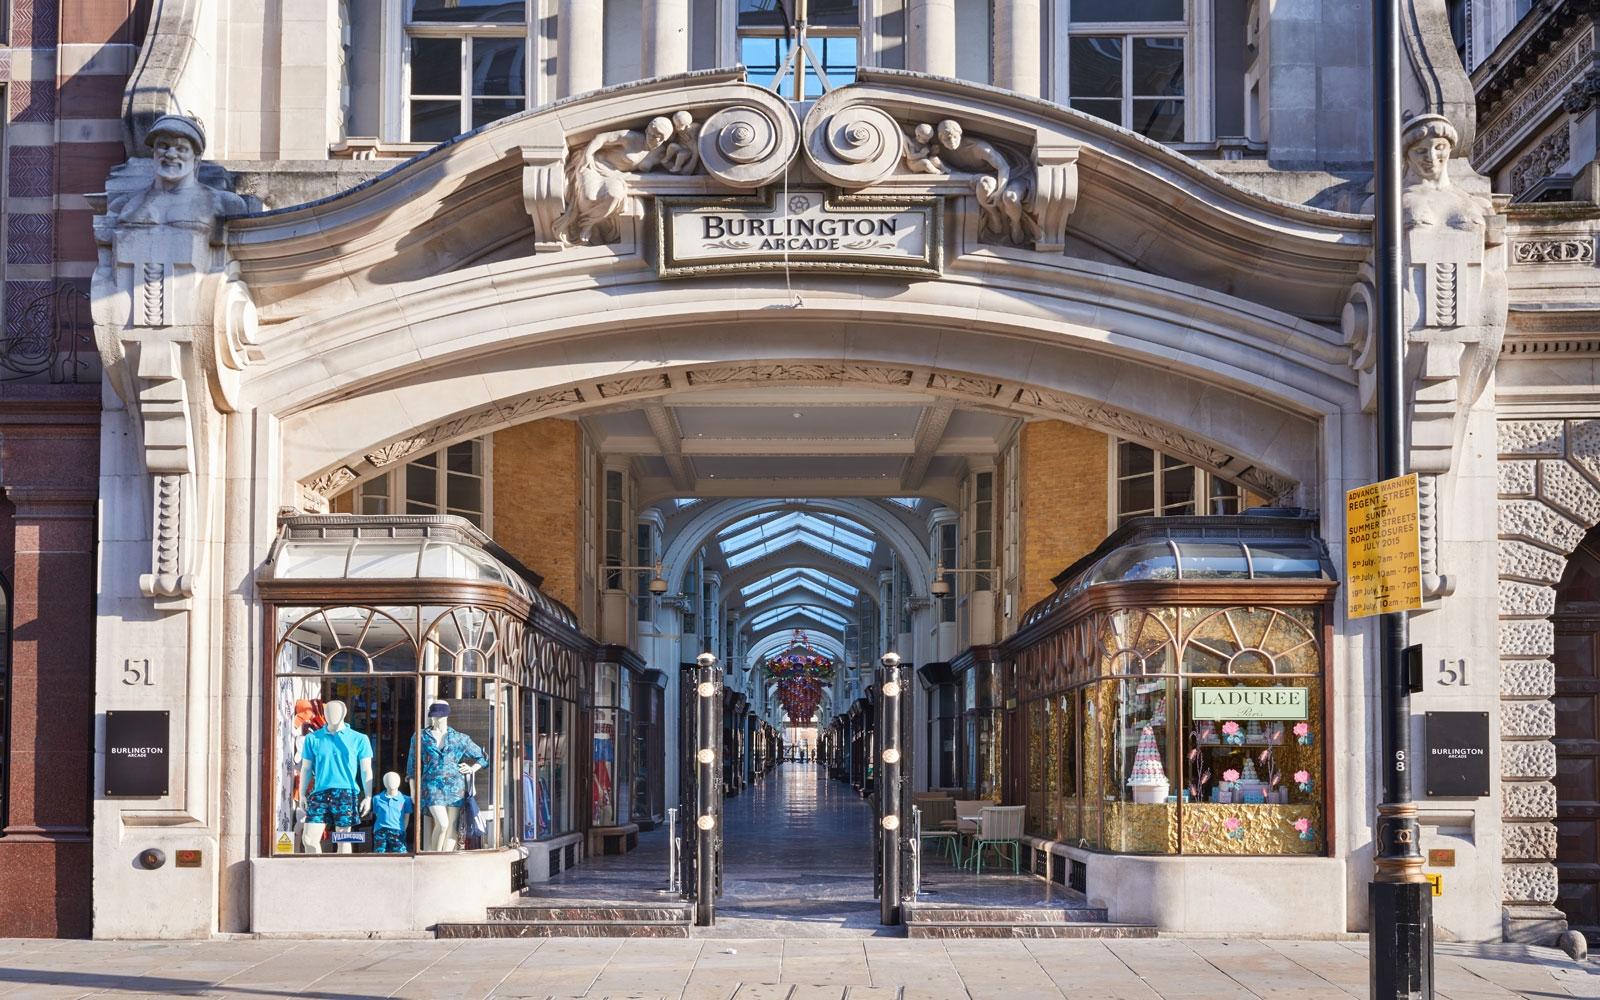 بريطانيا لندن افضل اماكن التسوق والمطاعم مركز بيرلينجتون